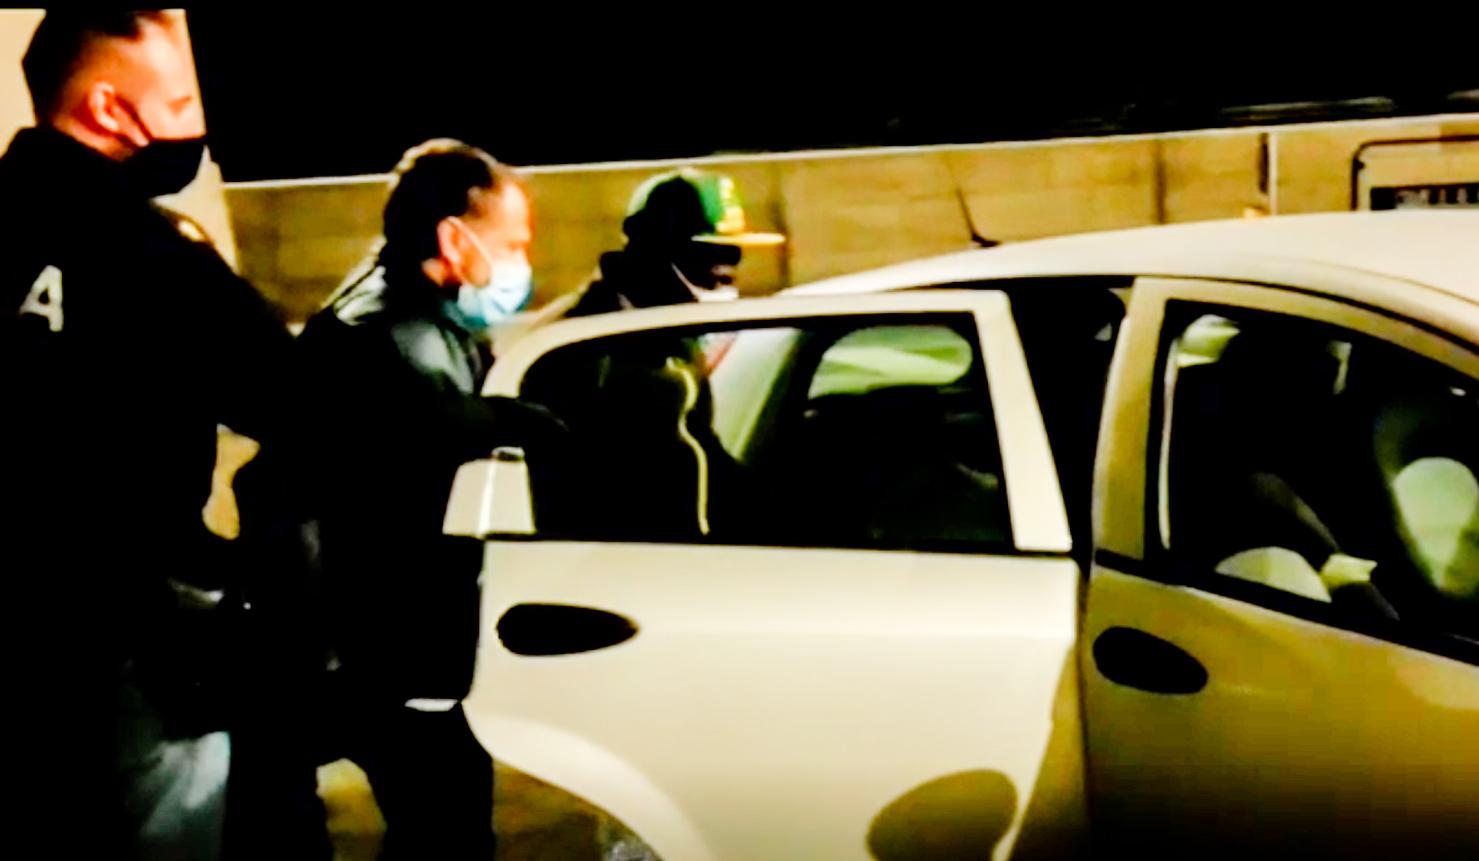 Black Axe, decine di arresti per una maxi operazione della Polizia contro traffico di stupefacenti, immigrazione clandestina, sfruttamento della prostituzione e truffe informatiche